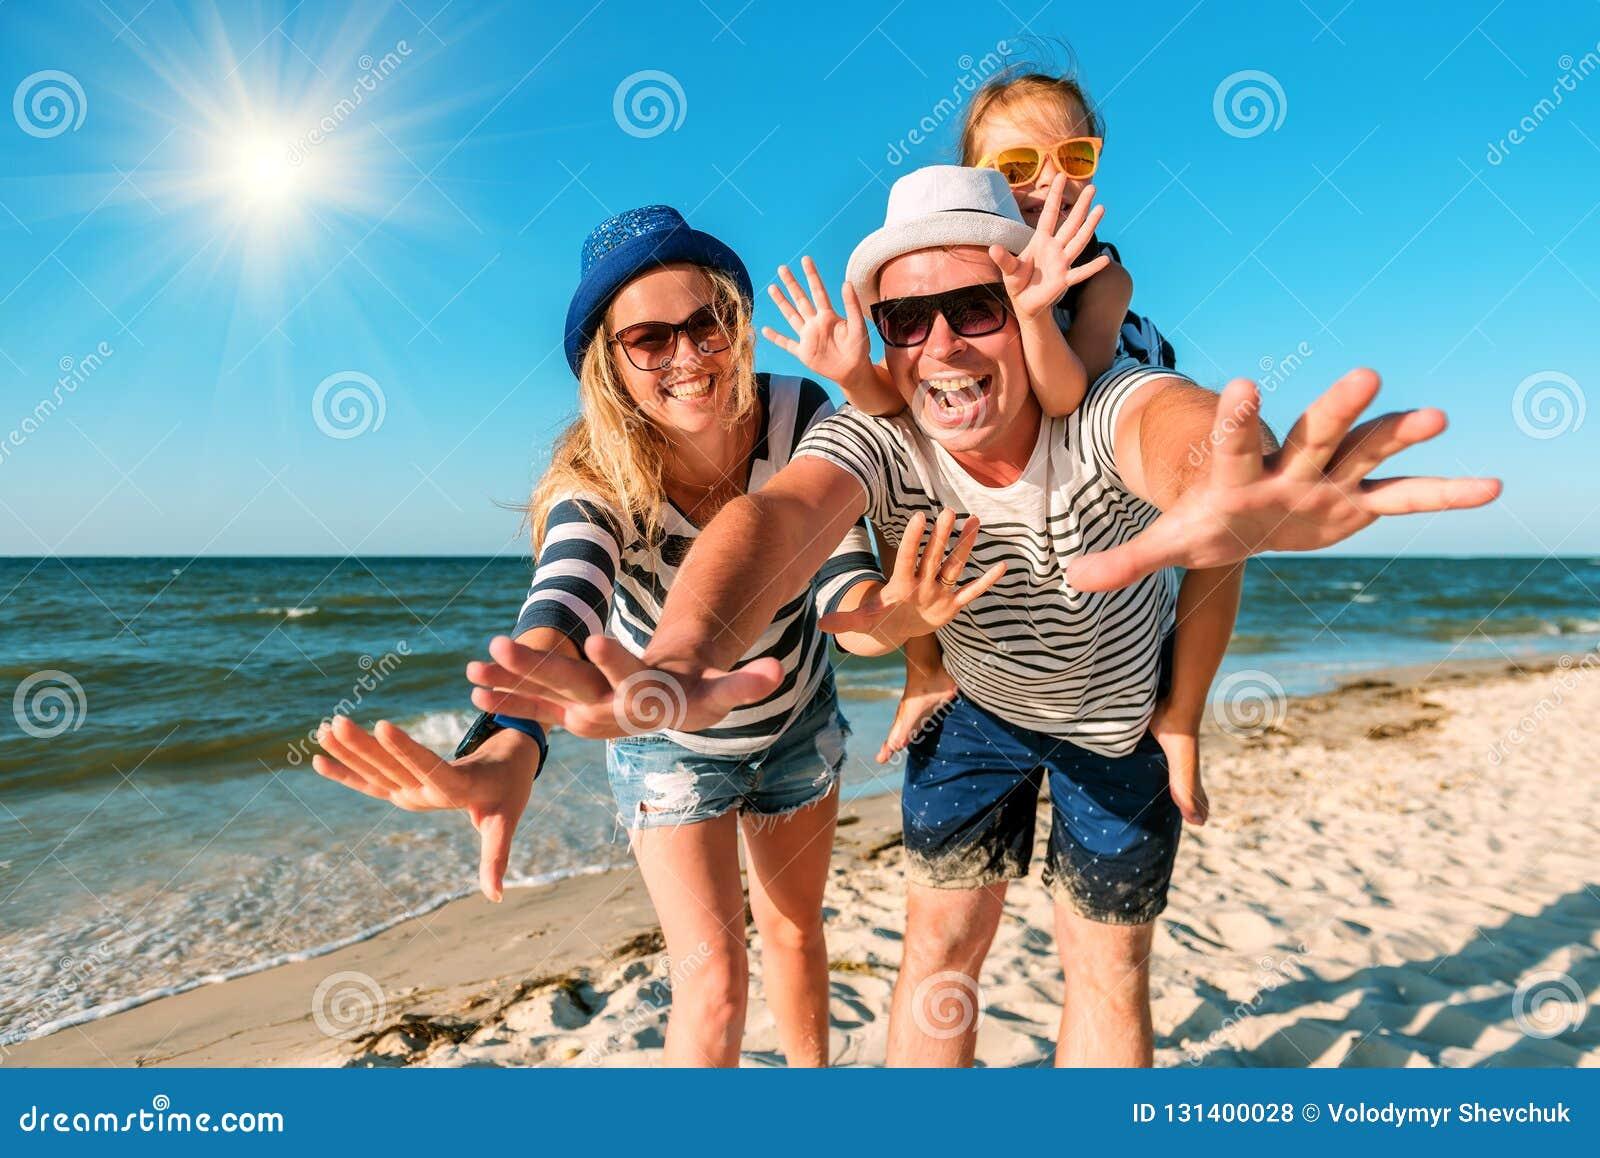 οικογένεια παραλιών ευ&ta Άνθρωποι που έχουν τη διασκέδαση στις θερινές διακοπές Πατέρας, μητέρα και παιδί στην μπλε θάλασσα και